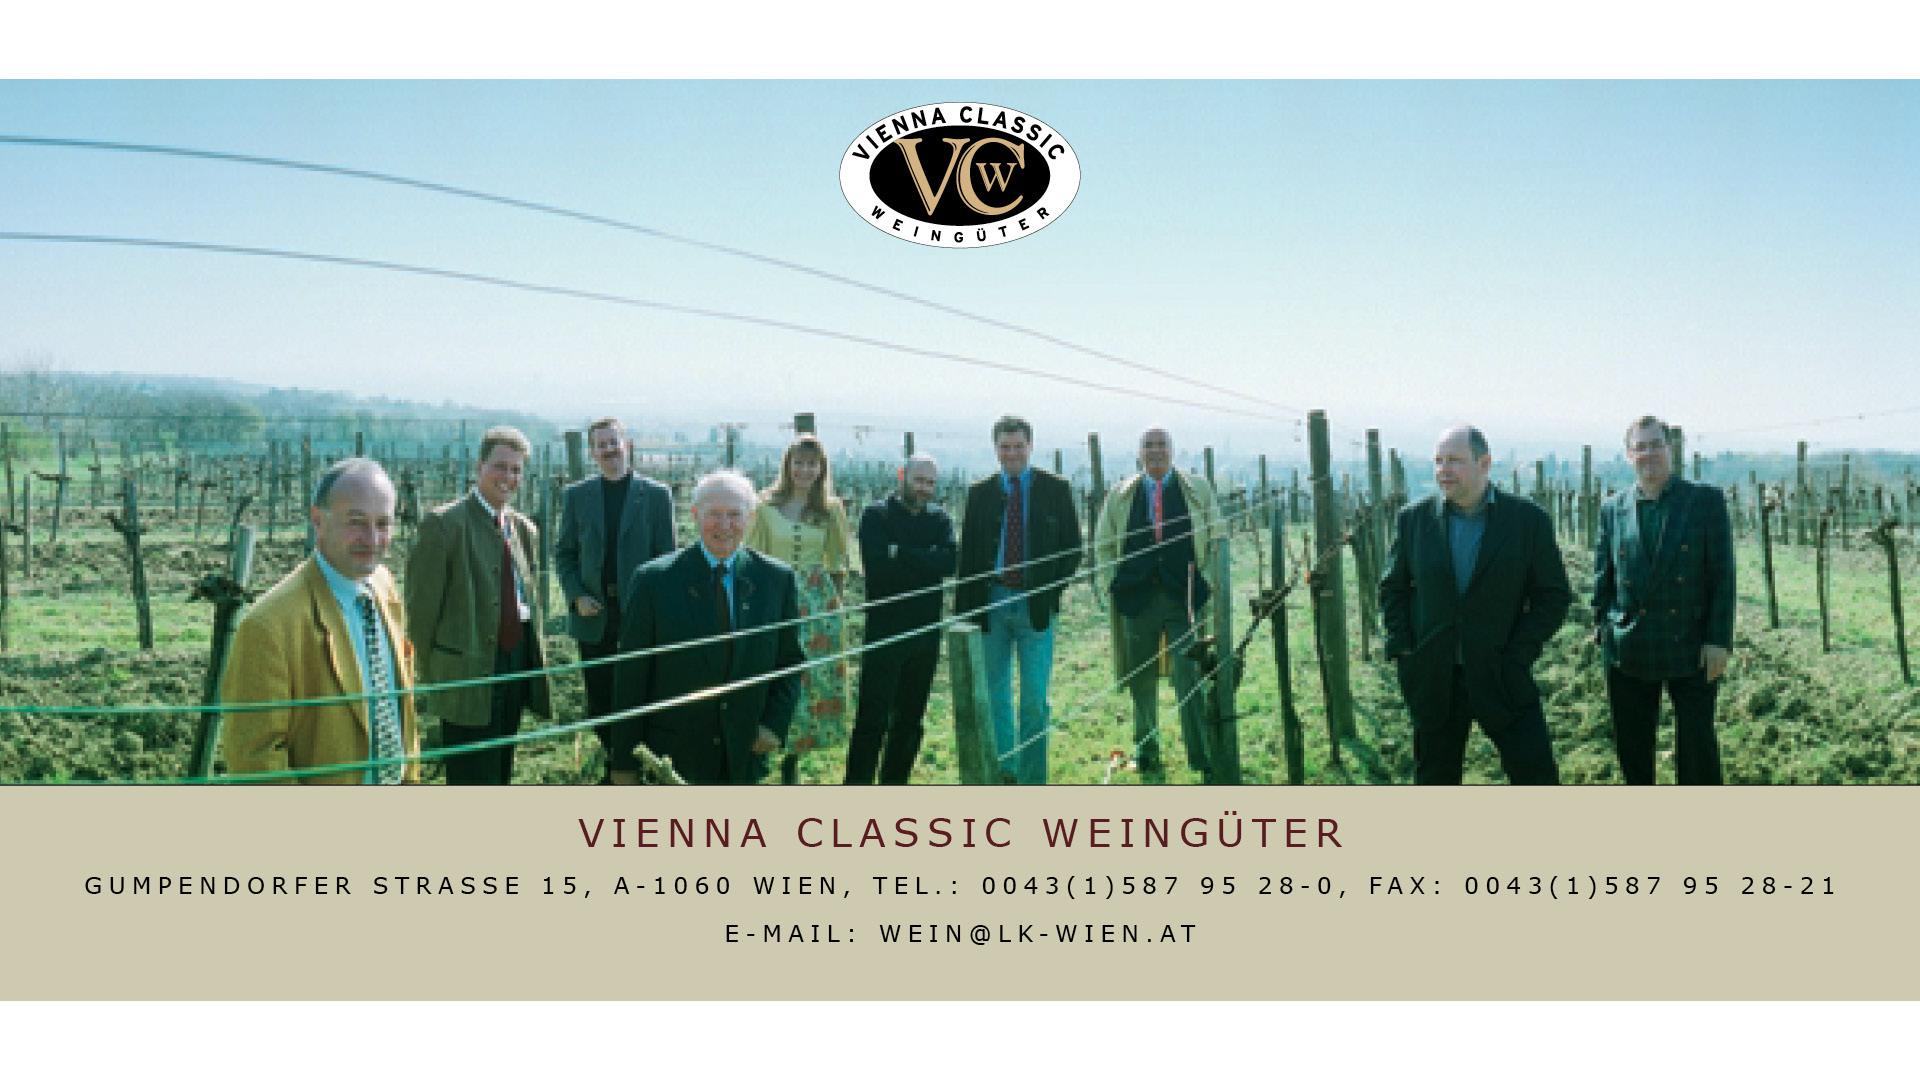 Vienna Classic Weingüter